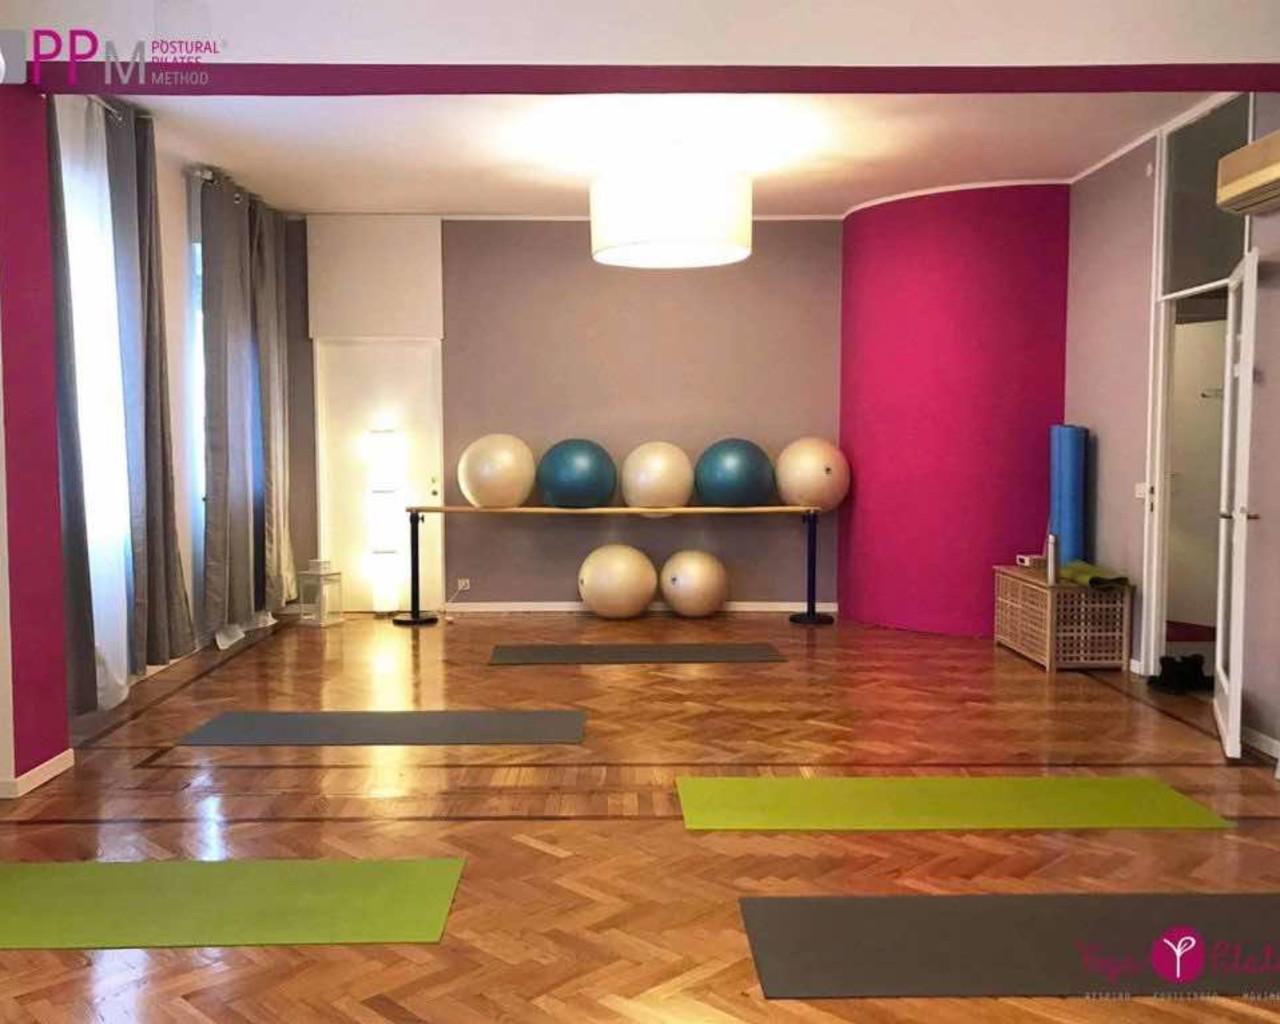 Yoga Pilates PPM Lagrange